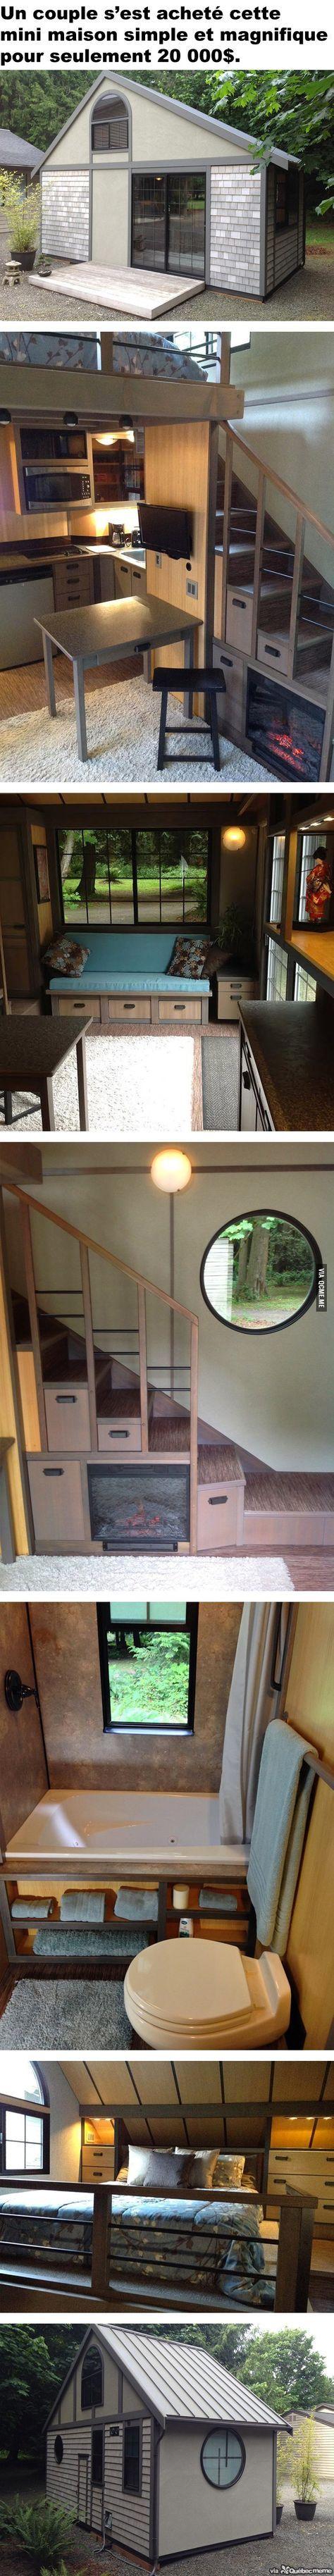 On peut avoir une mini maison comme ça pour 20 000$. Je la veux en TABARNAK.